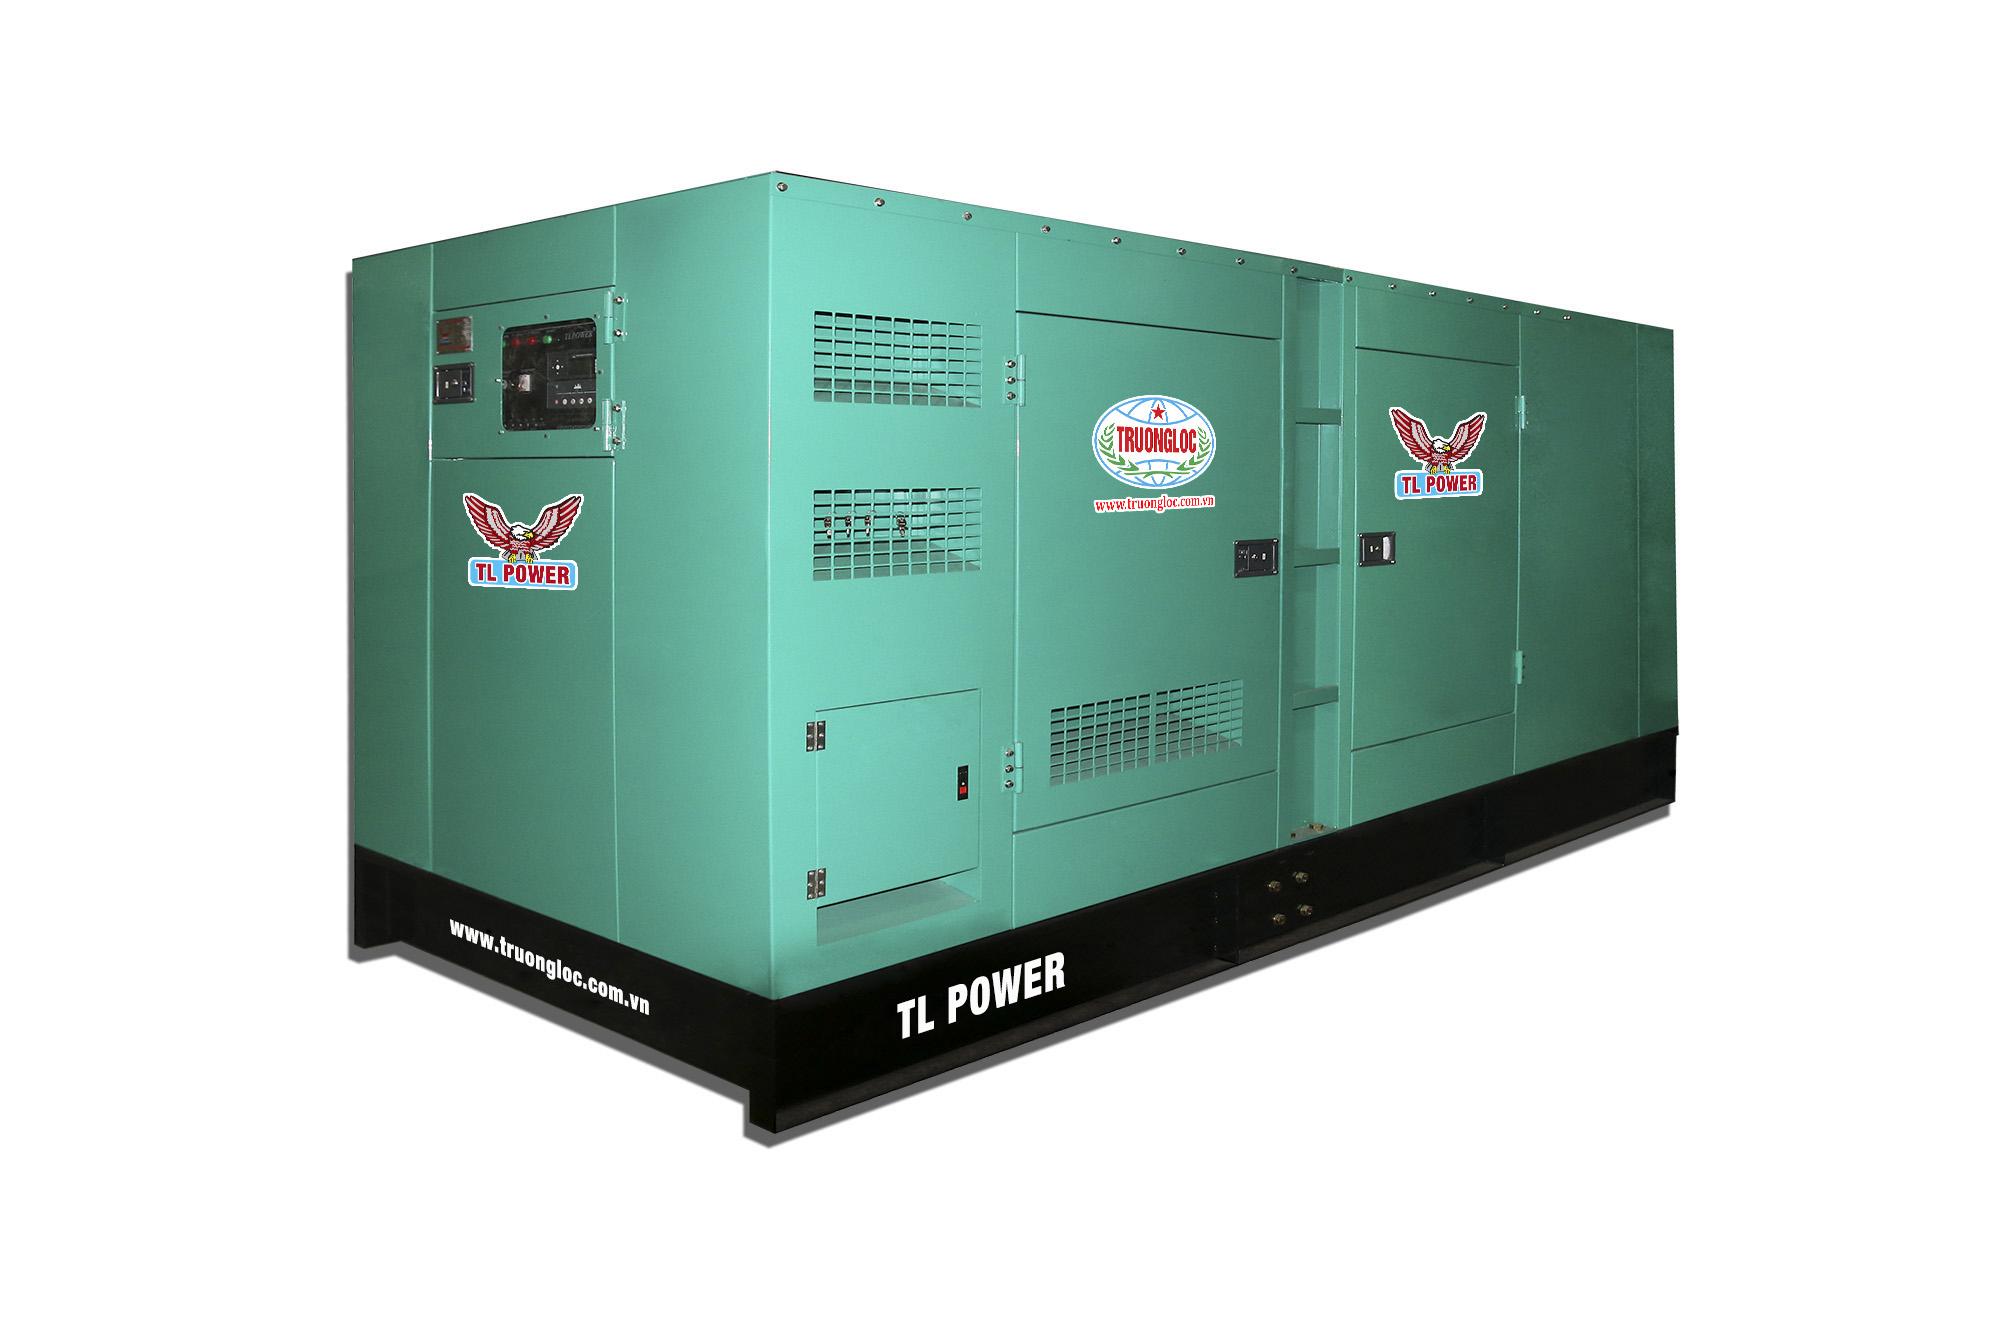 TLPOWER TW330-LS - DOOSAN ENGINE